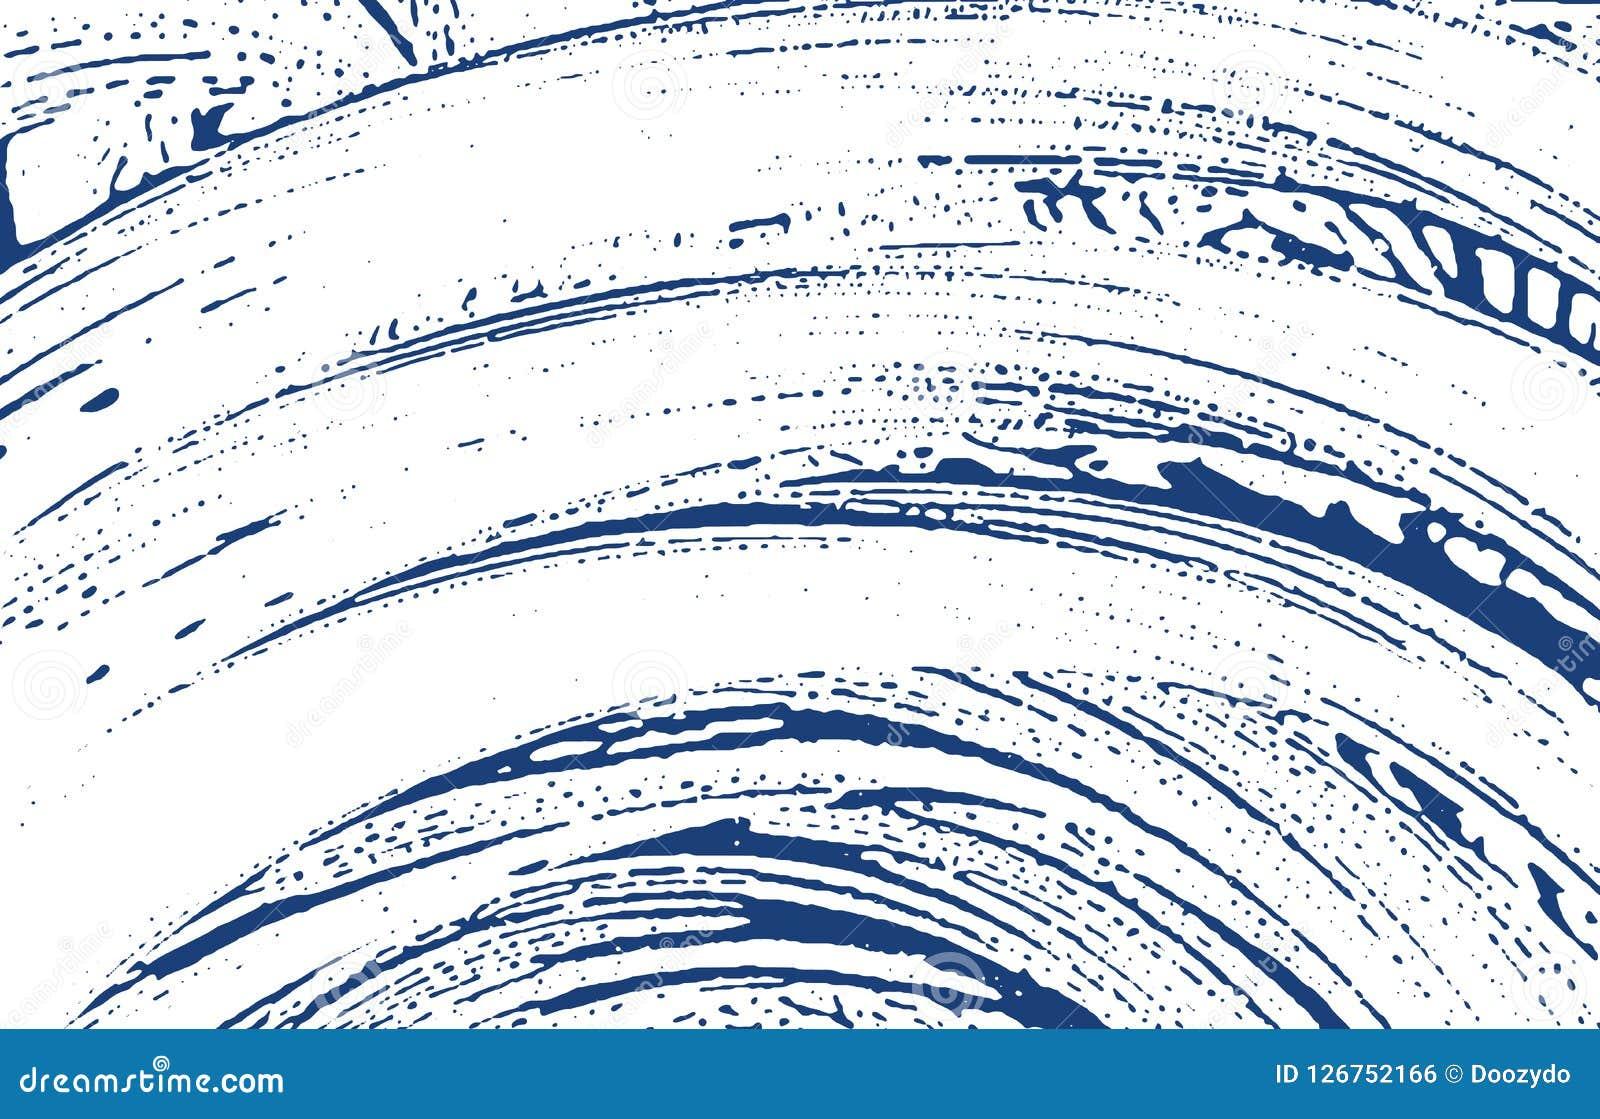 De textuur van Grunge Het ruwe spoor van de noodindigo Dramatische achtergrond Textuur van lawaai de vuile grunge oorsprong